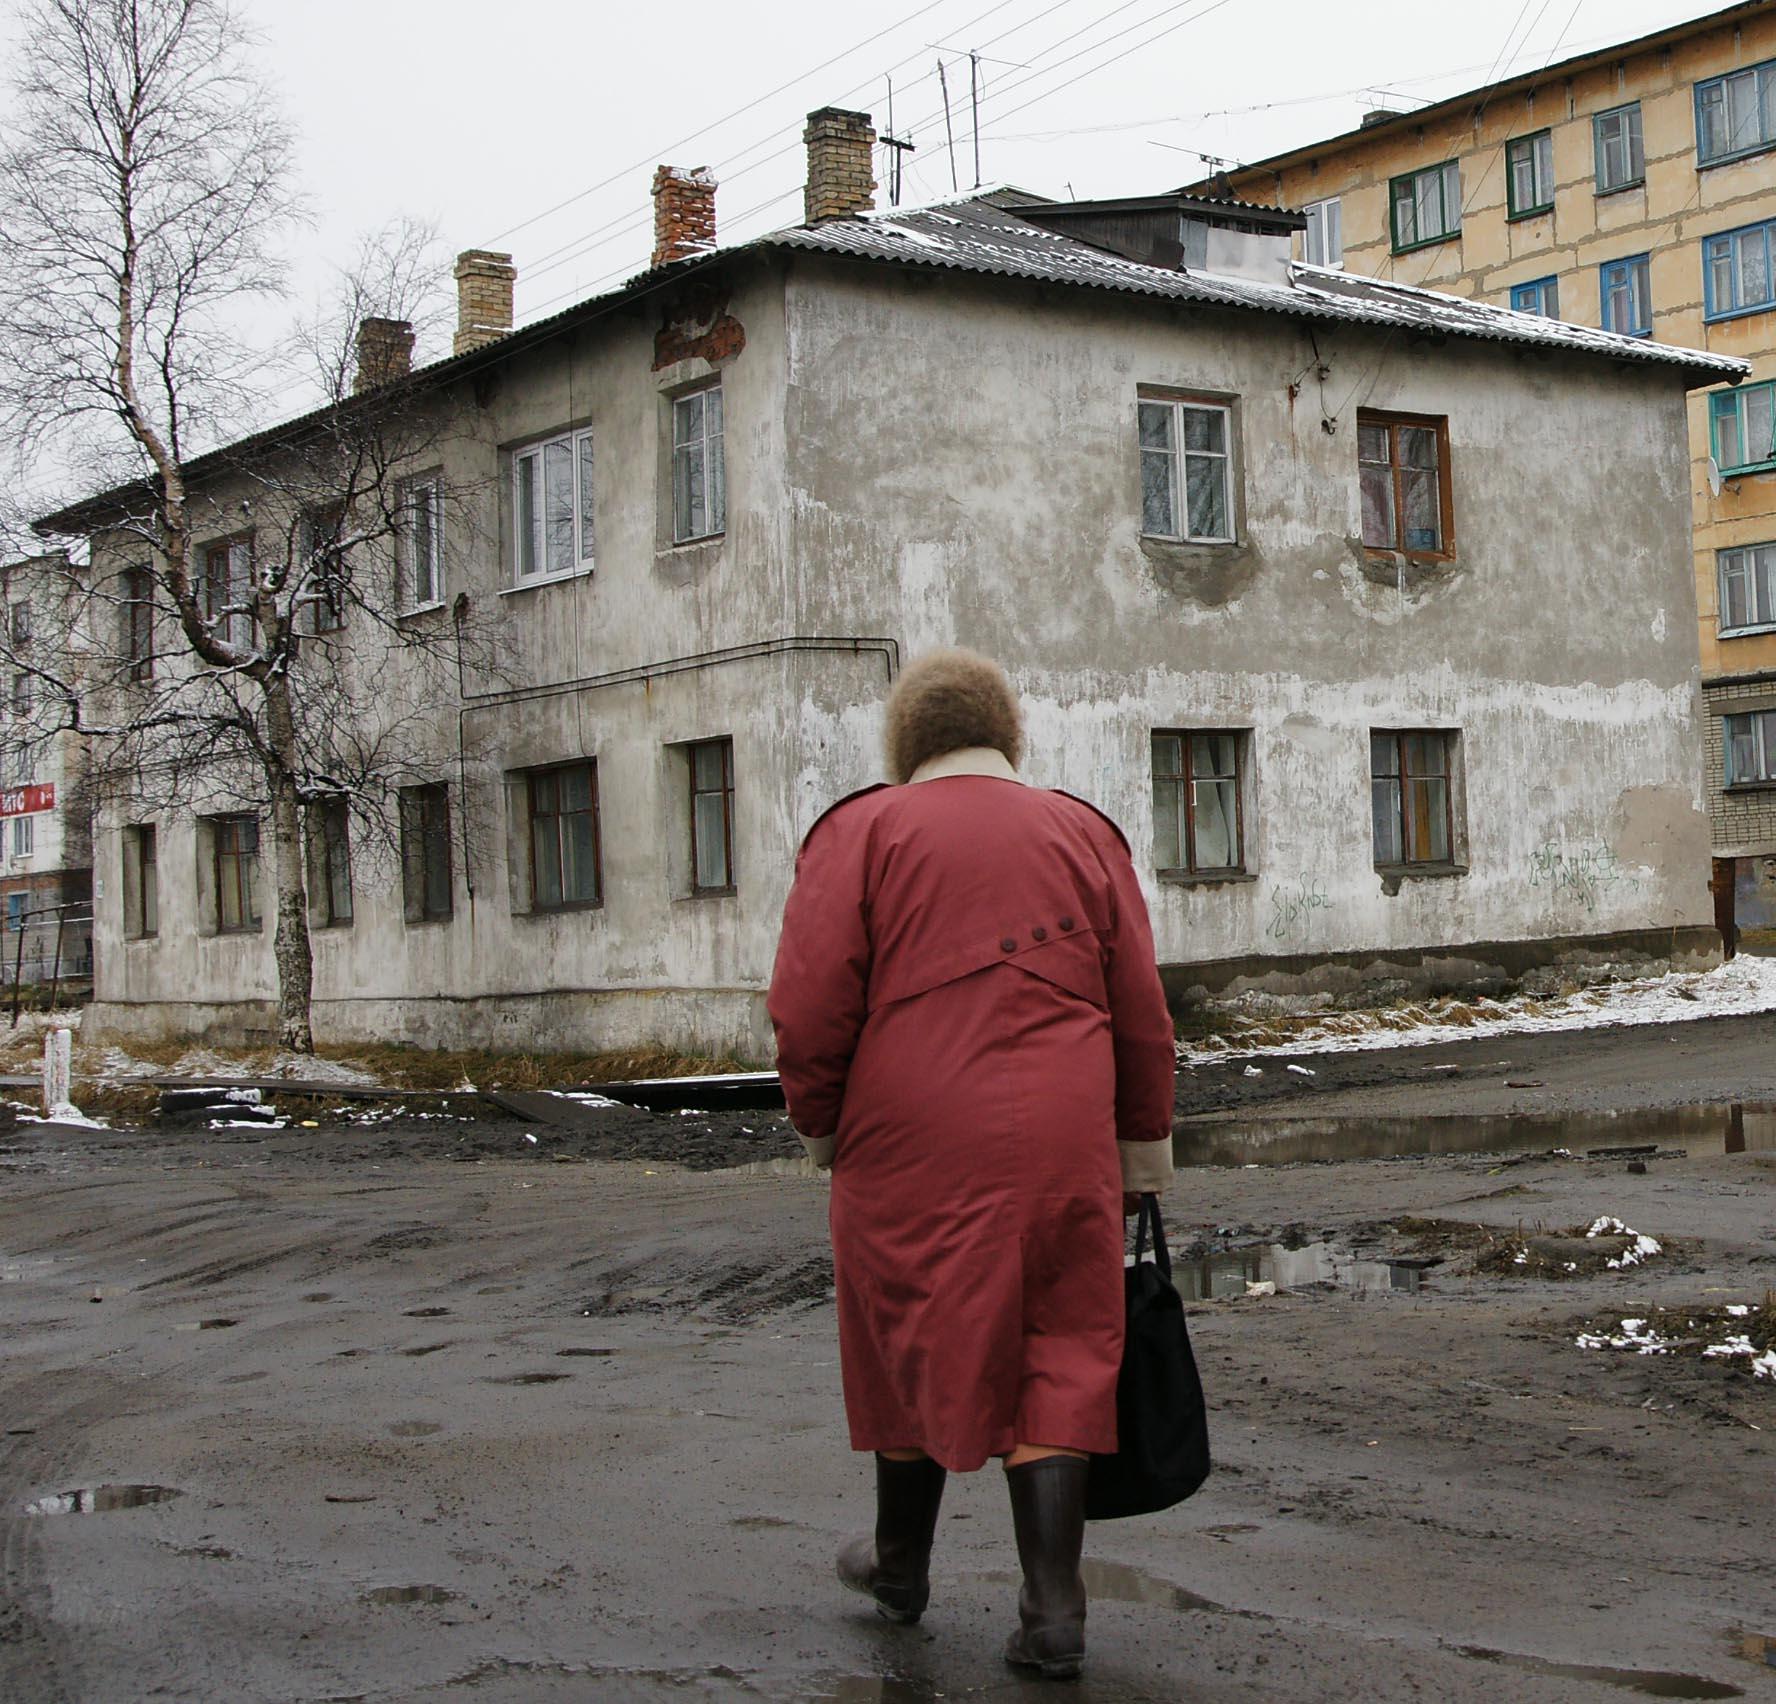 Уровень жизни населения Карелии идет на спад. Фото: Губернiя Daily